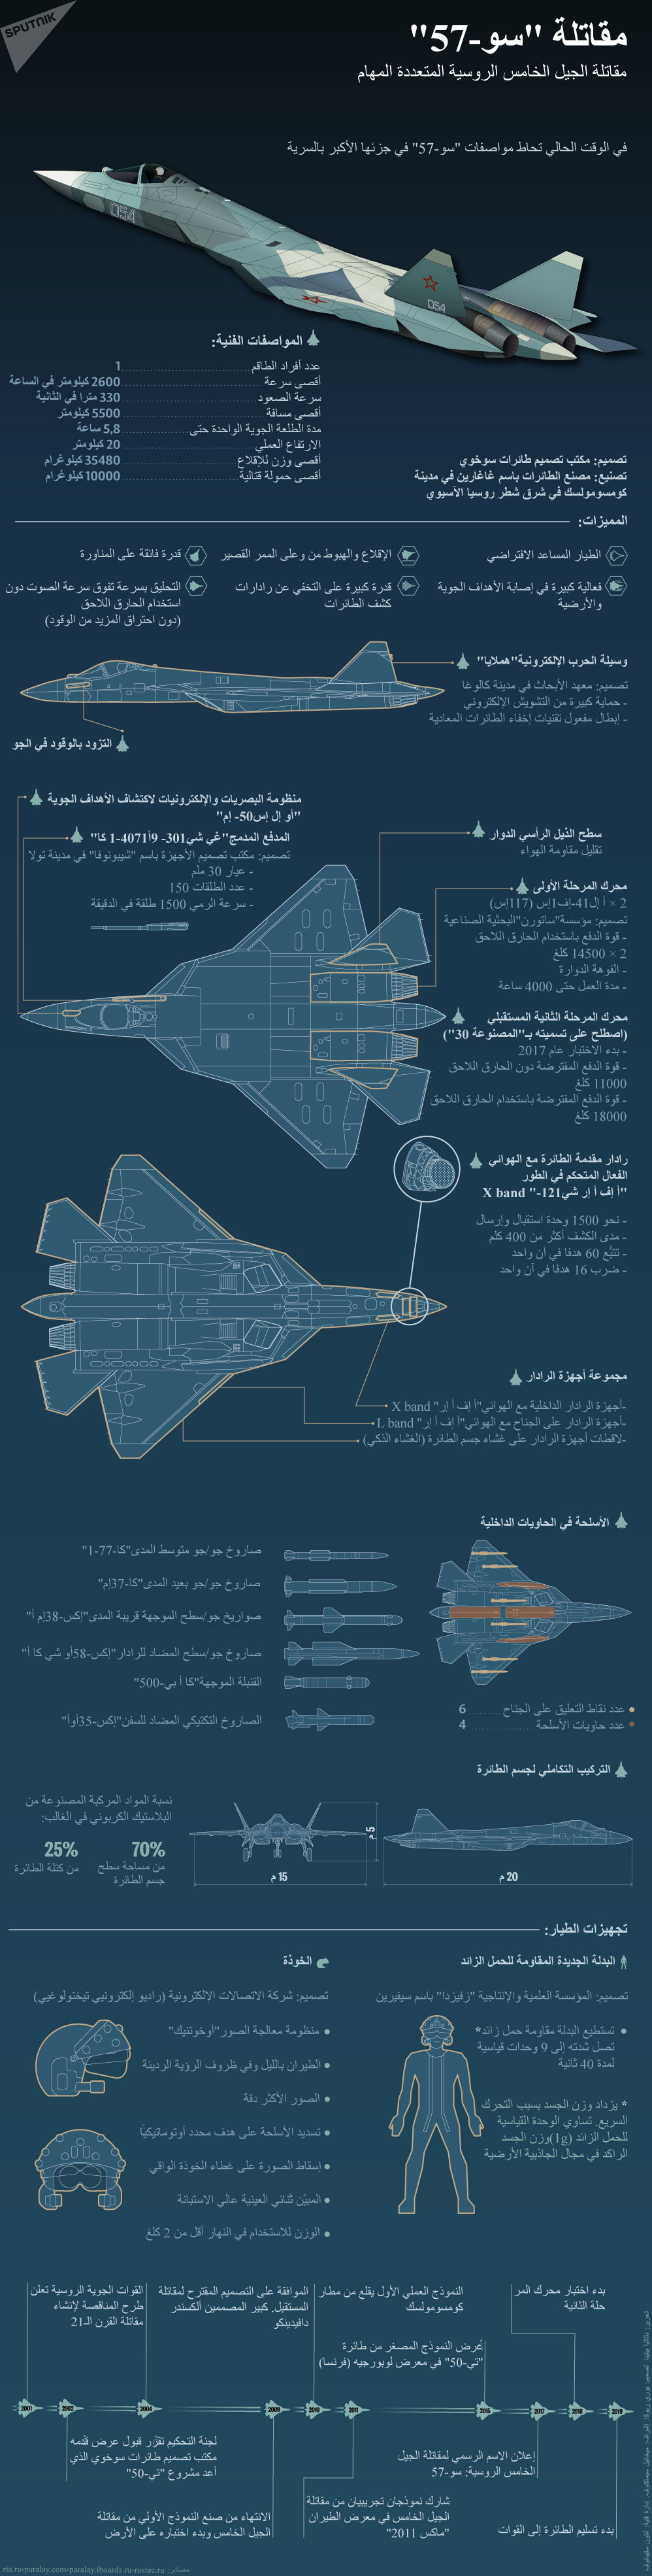 الطائرة الشبحية الروسية سوخوي سو-57.png